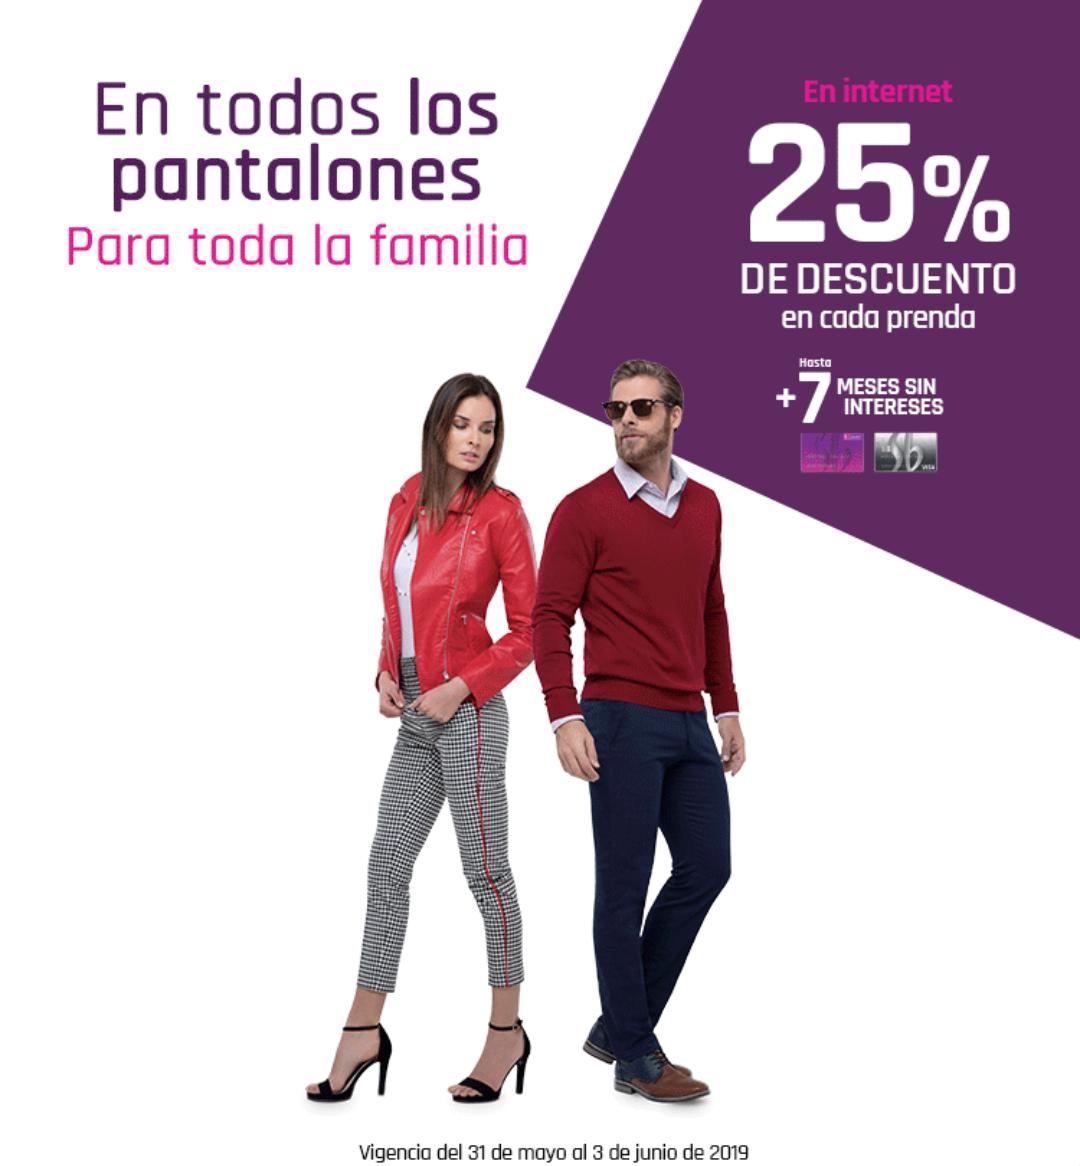 Suburbia: 50% de descuento en la segunda pieza (ó 25% en cada pieza en Internet) en todos los pantalones para toda la familia